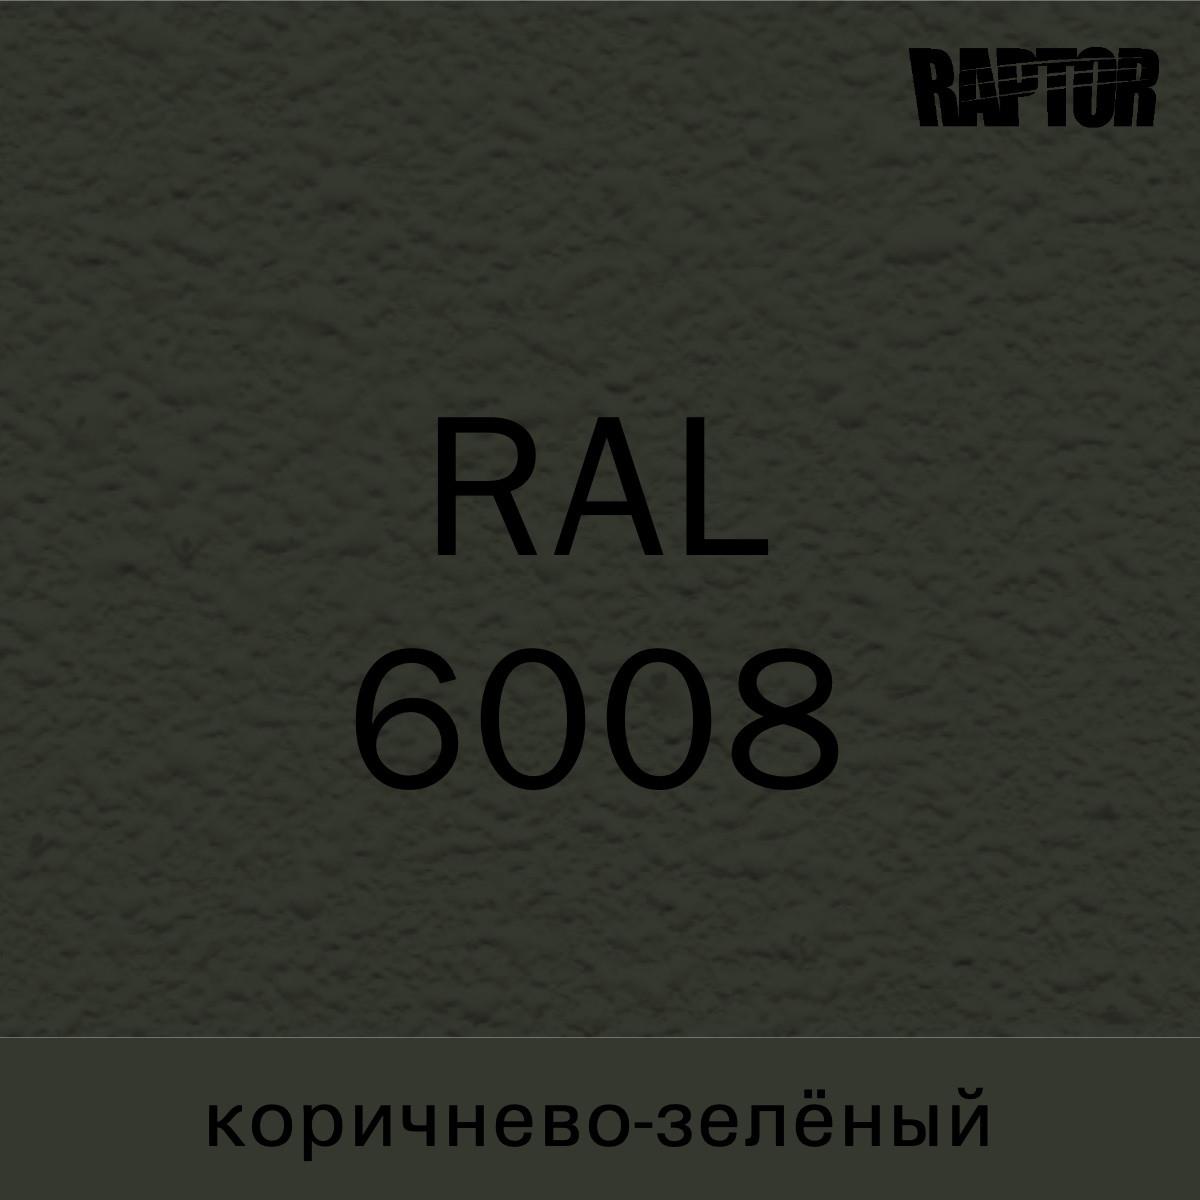 Пигмент для колеровки покрытия RAPTOR™ Коричнево-зелёный (RAL 6008)